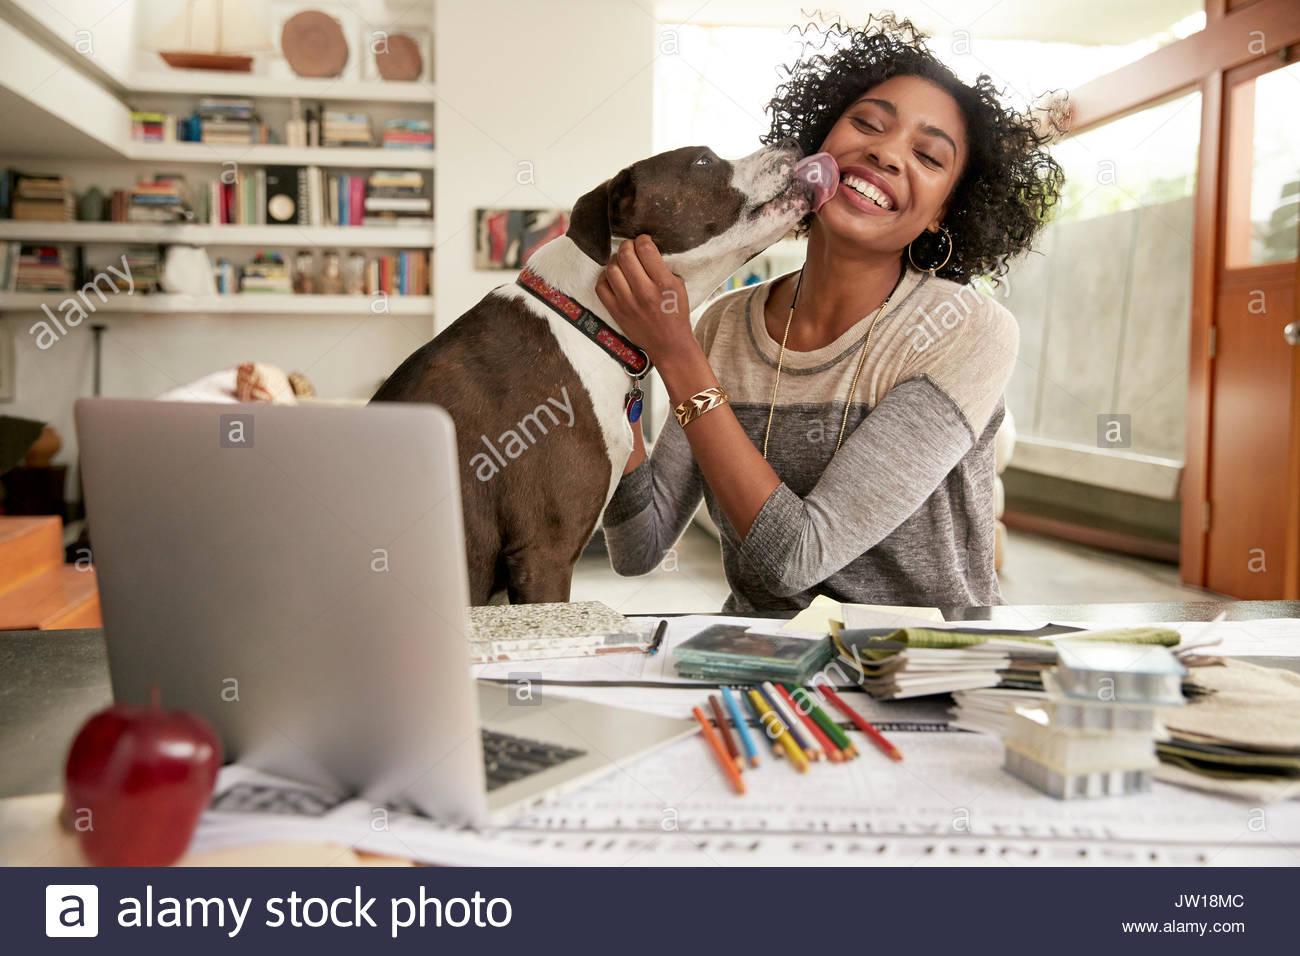 Hund lecken Gesicht der weiblichen Innenarchitekt zu Hause Büro Schreibtisch arbeiten Stockbild